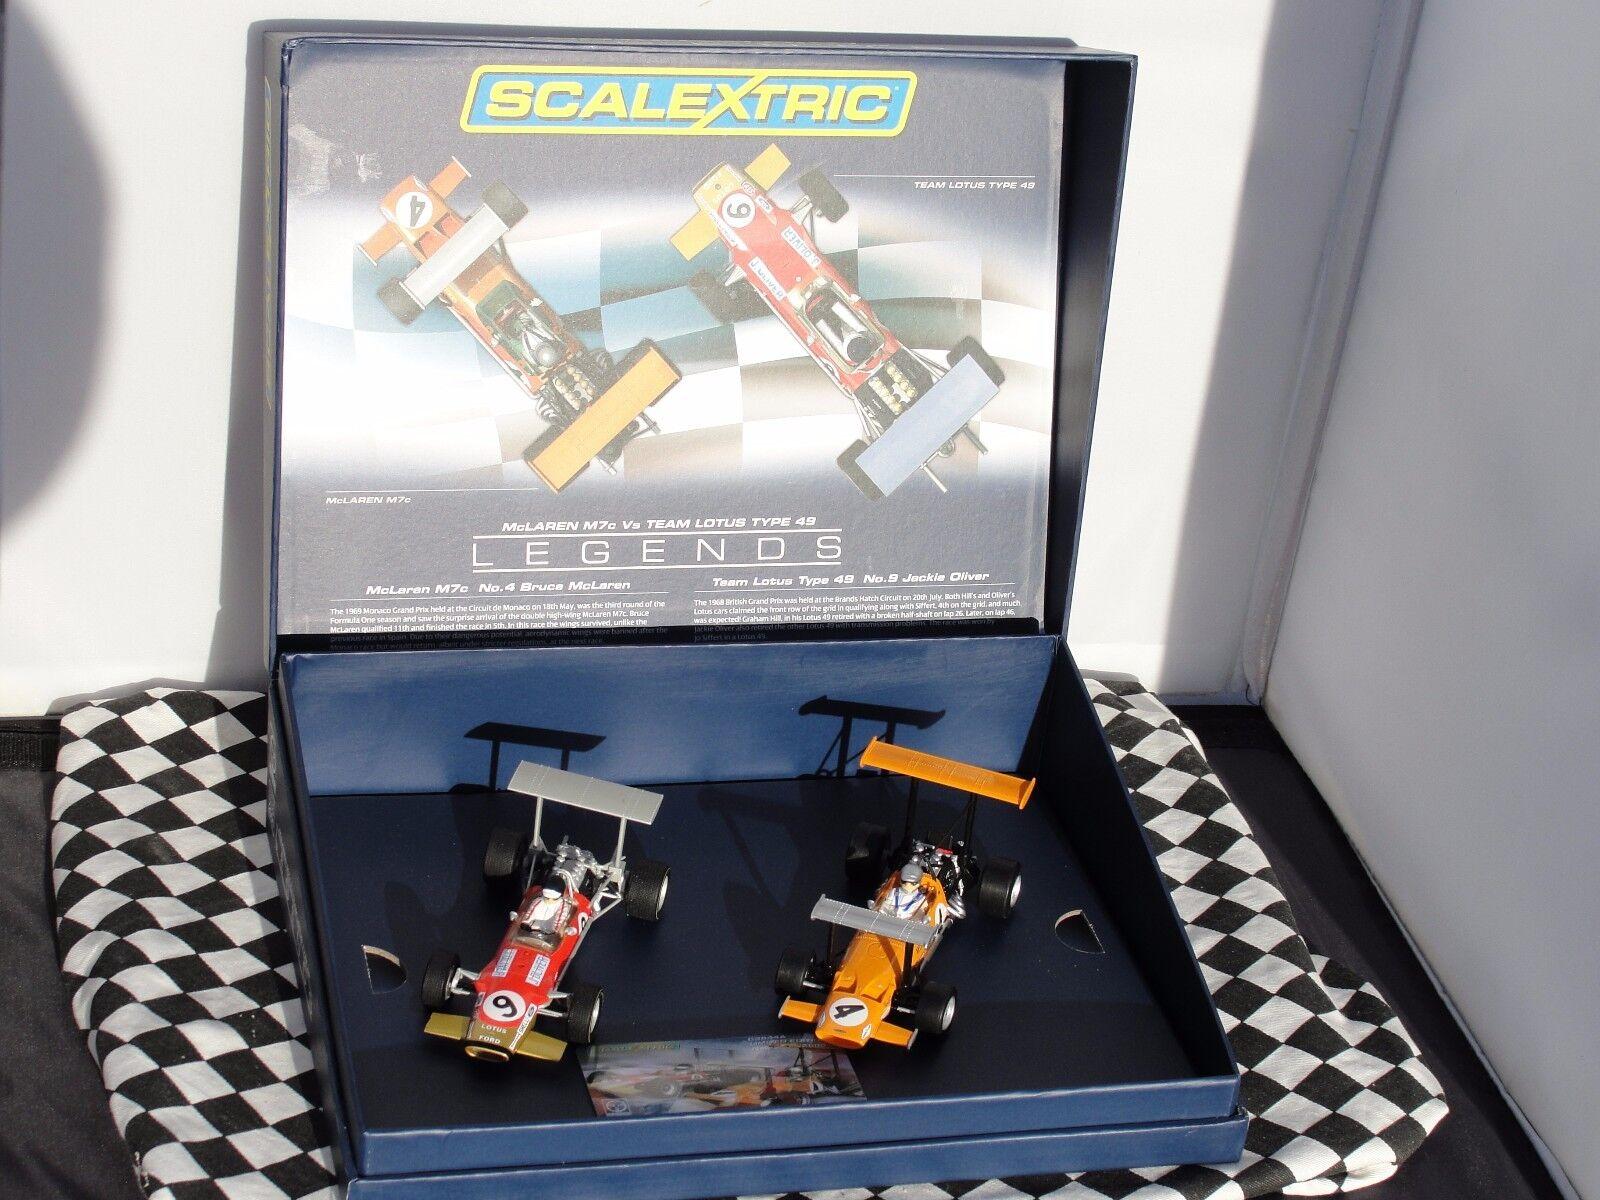 Scalextric Legends Team Lotus Type 49 vs McLaren M7C C3544A Box Set 1.32 slot